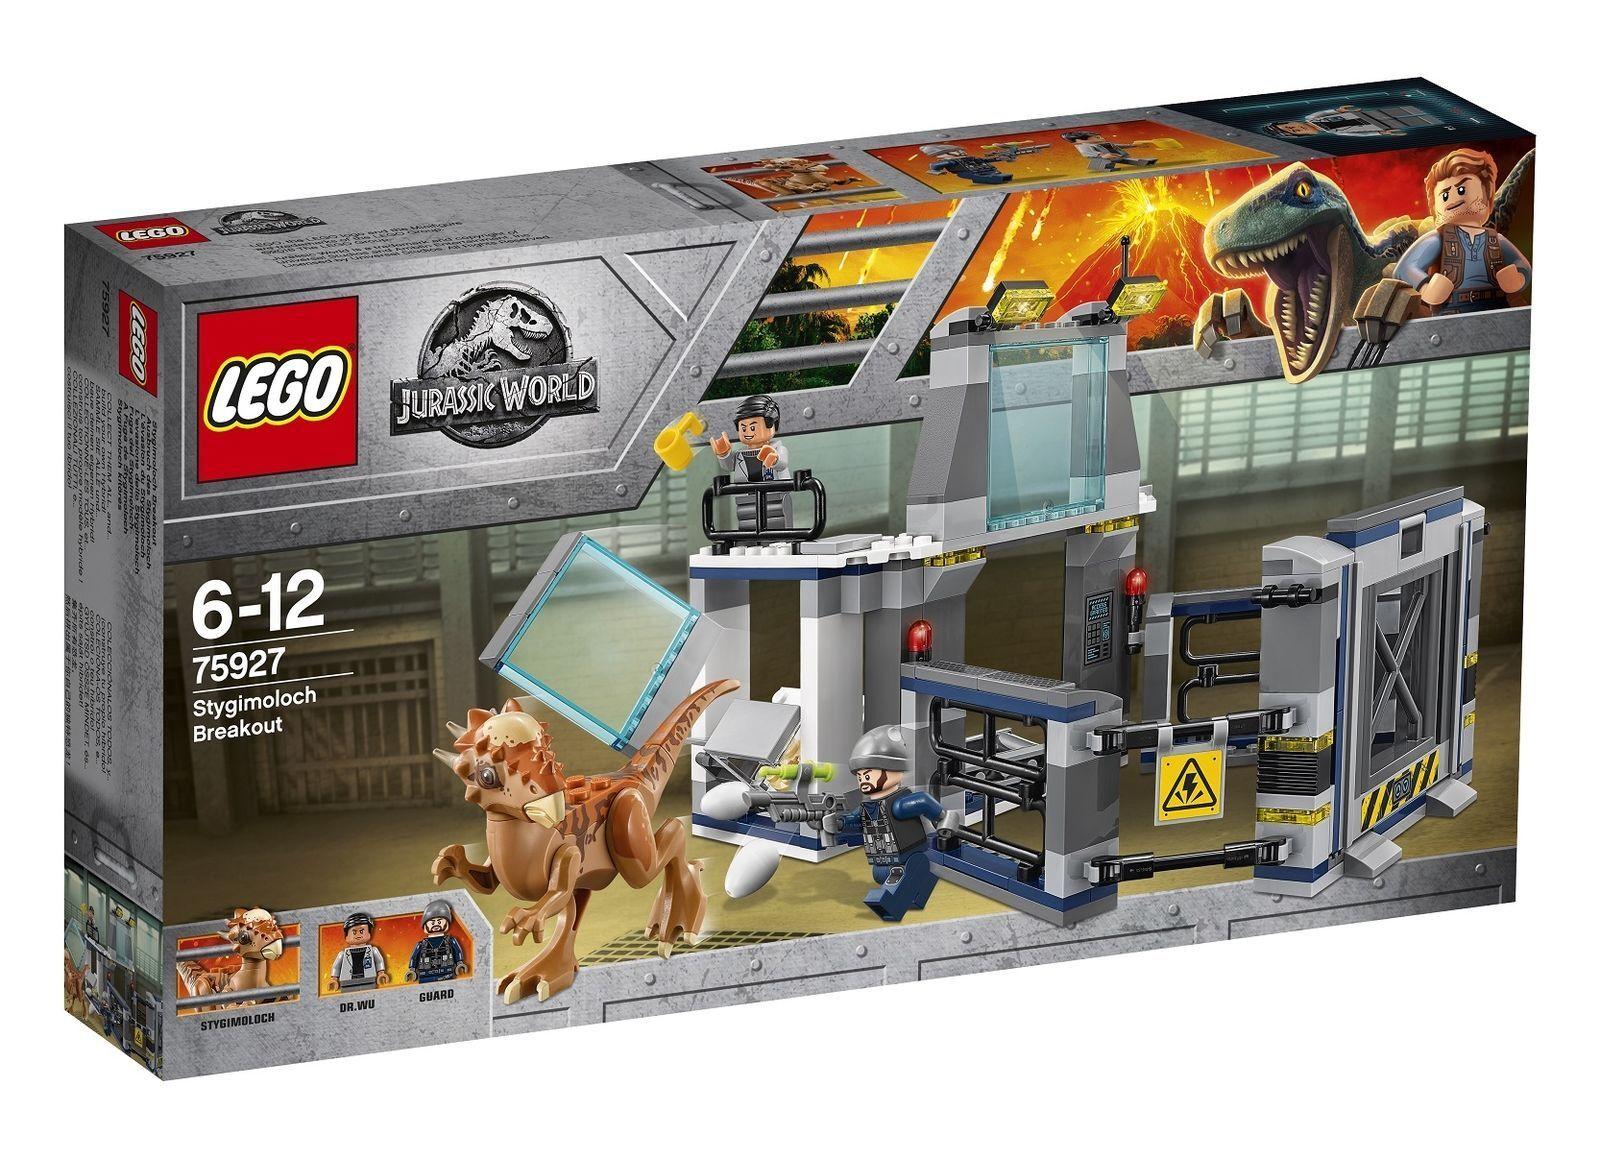 LEGO Jurassic World 75927 - Stygimoloch Breakout - BNISB